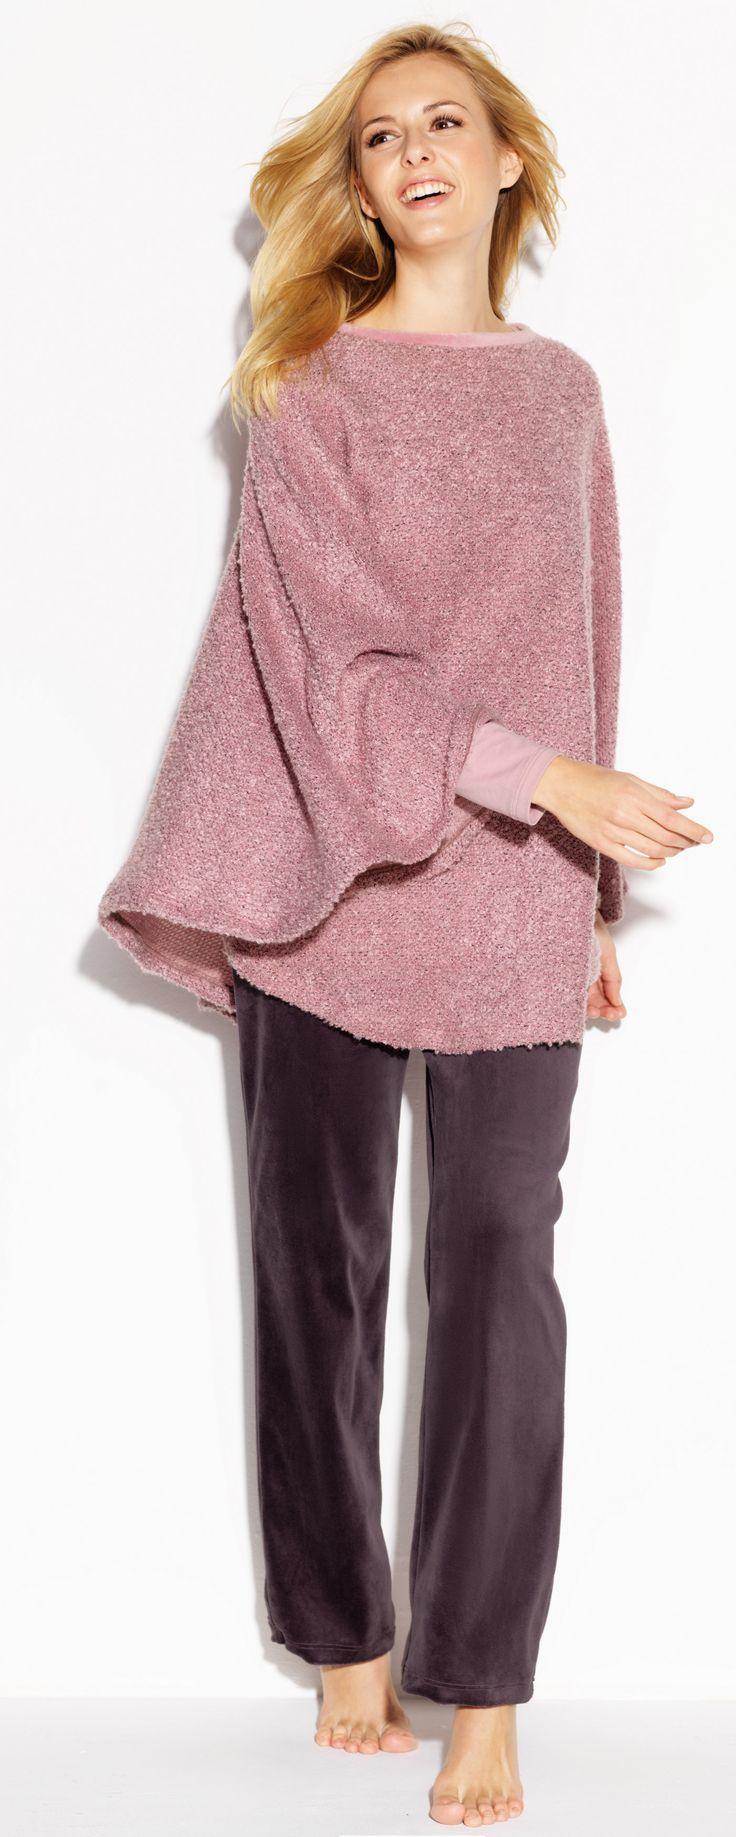 CYBÈLE Podzim-Zima 2015/2016   Volnočasové prádlo   Pončo   Kalhoty   Loungewear   Poncho   Trousers   www.naturana-plavky-pradlo.cz